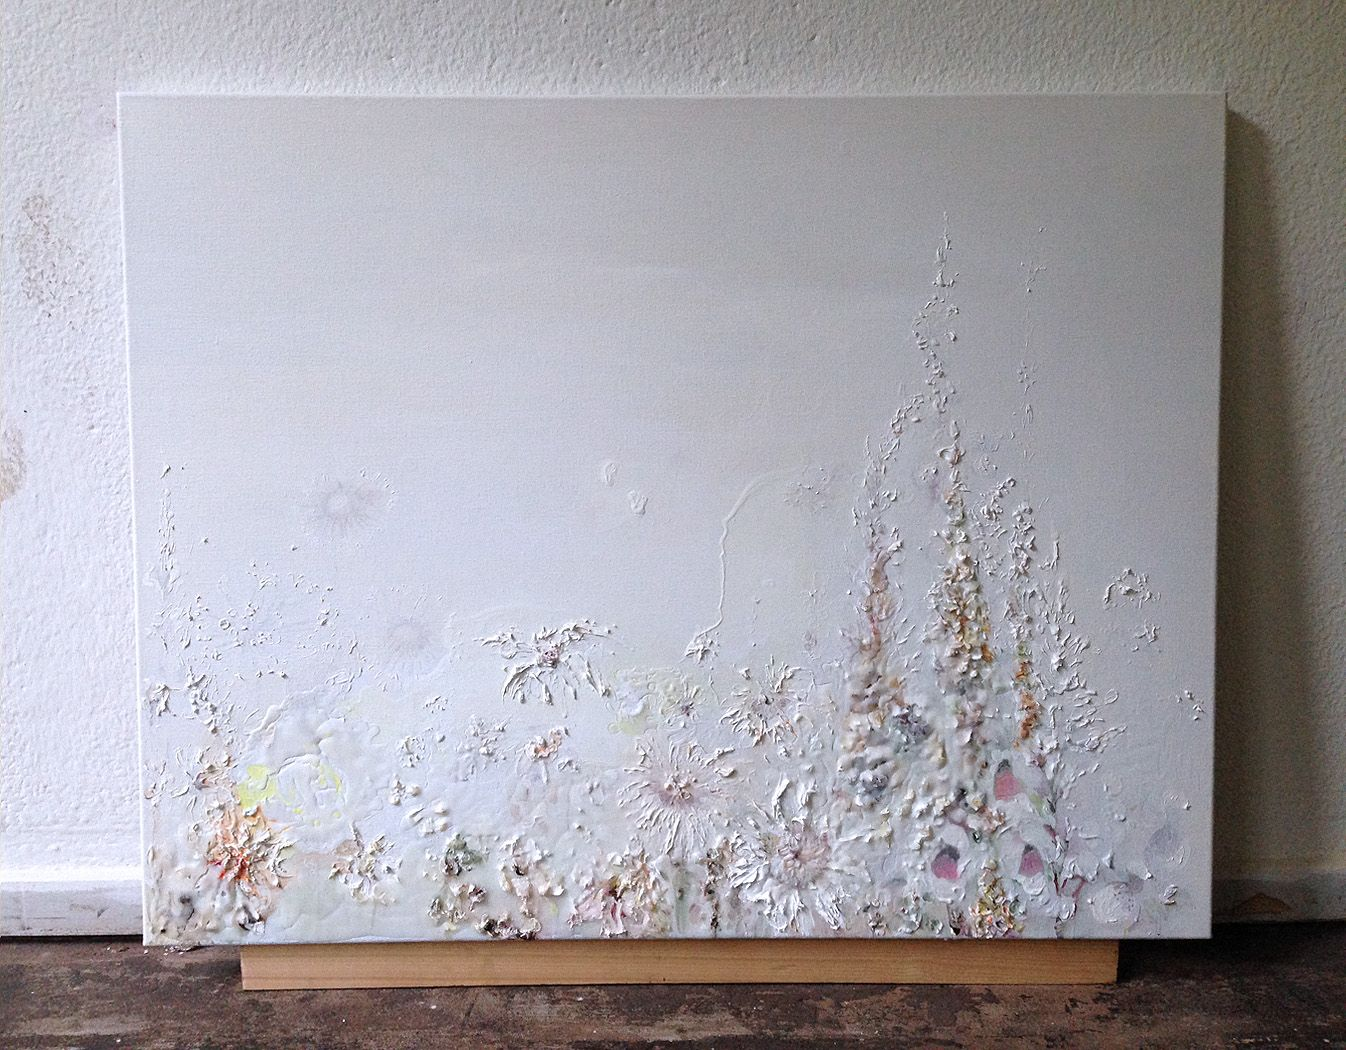 Ellen Grote Beverborg, 'mooie dag' 2015, 70 x 90 cm, acyl gel doek, coderood.co 27 juni 2015